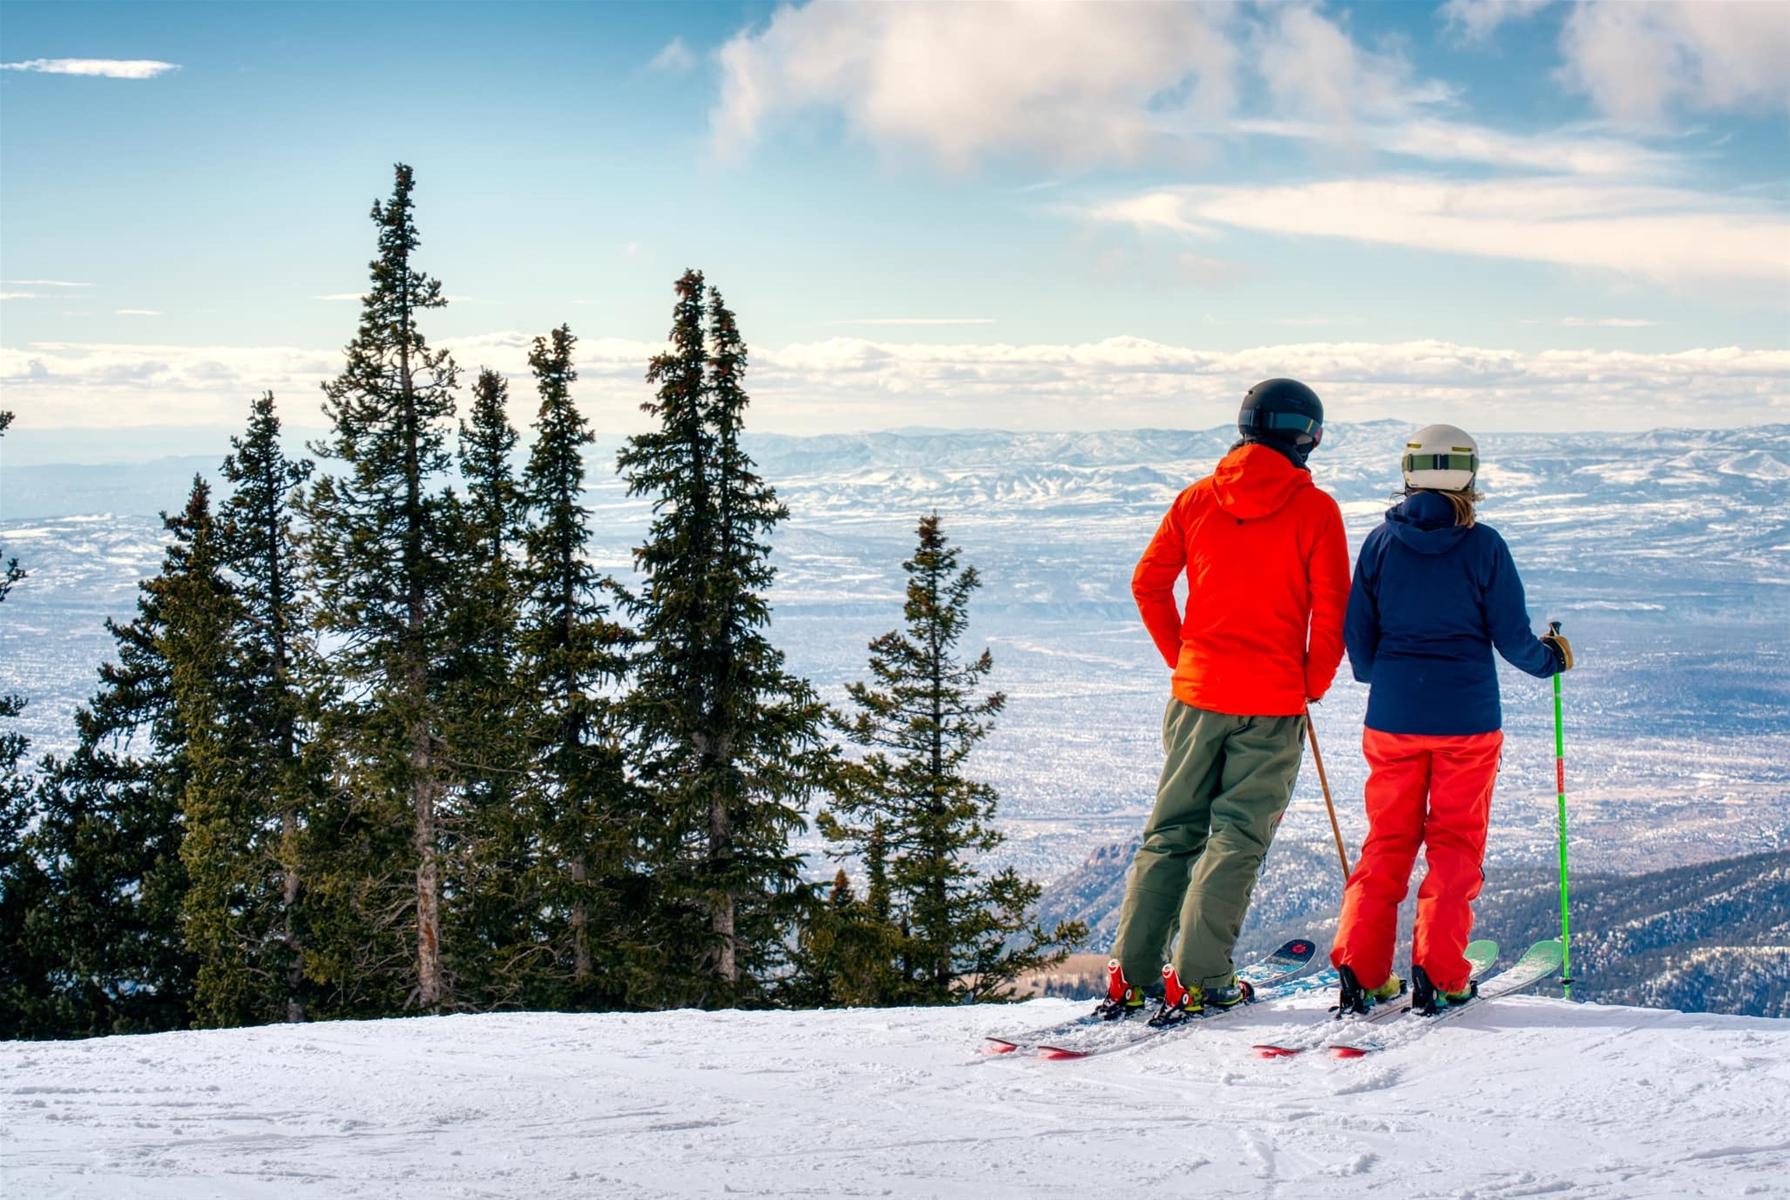 ski santa fe skiers looking at the view